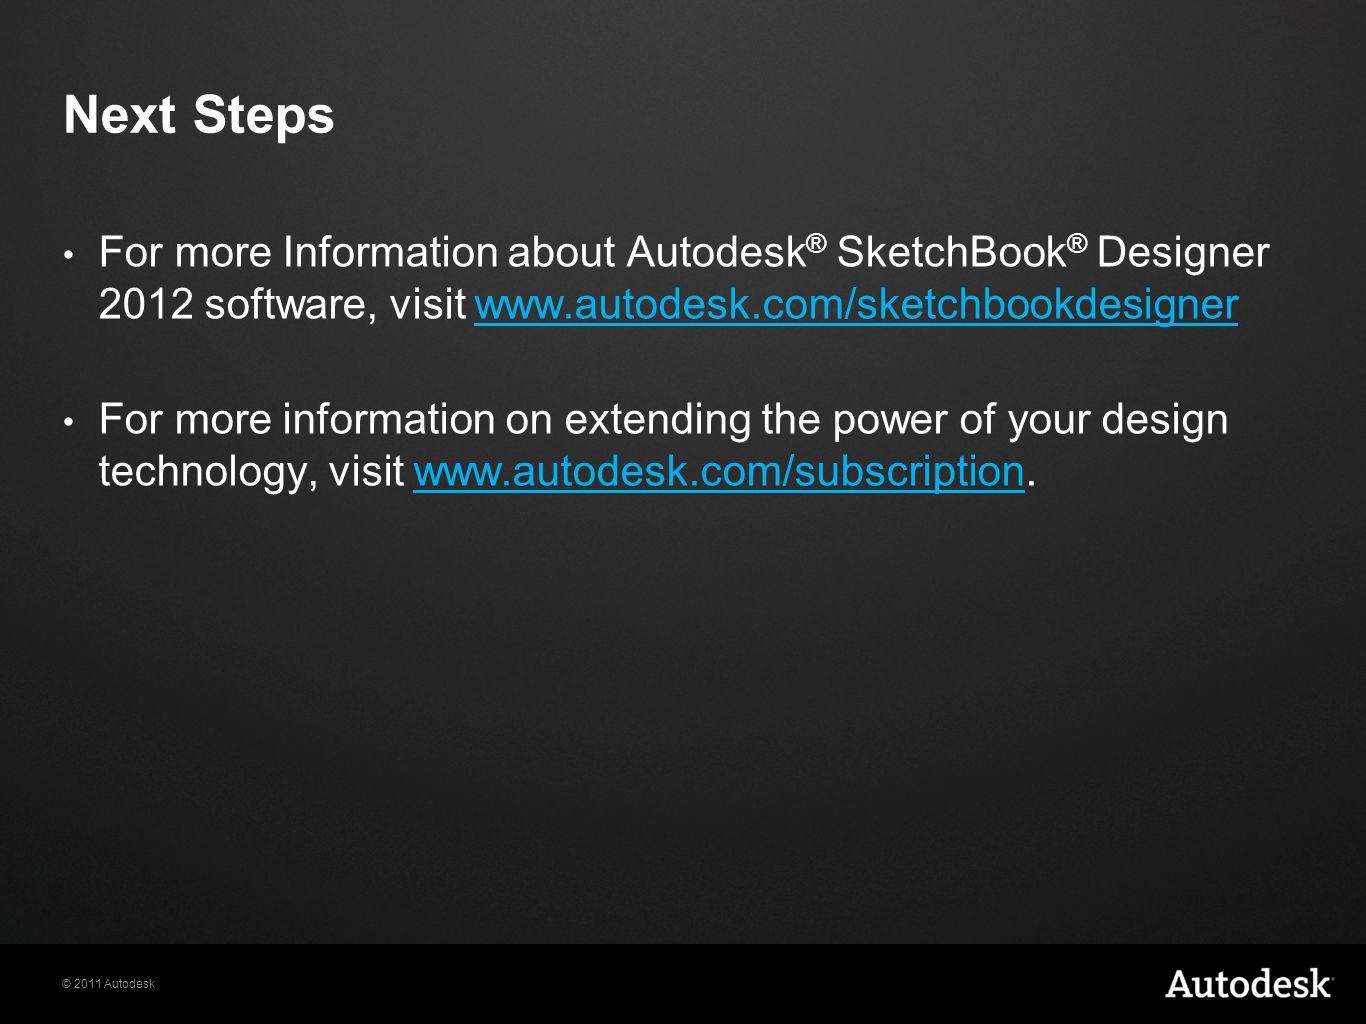 Next Steps For more Information about Autodesk® SketchBook® Designer 2012 software, visit www.autodesk.com/sketchbookdesigner.